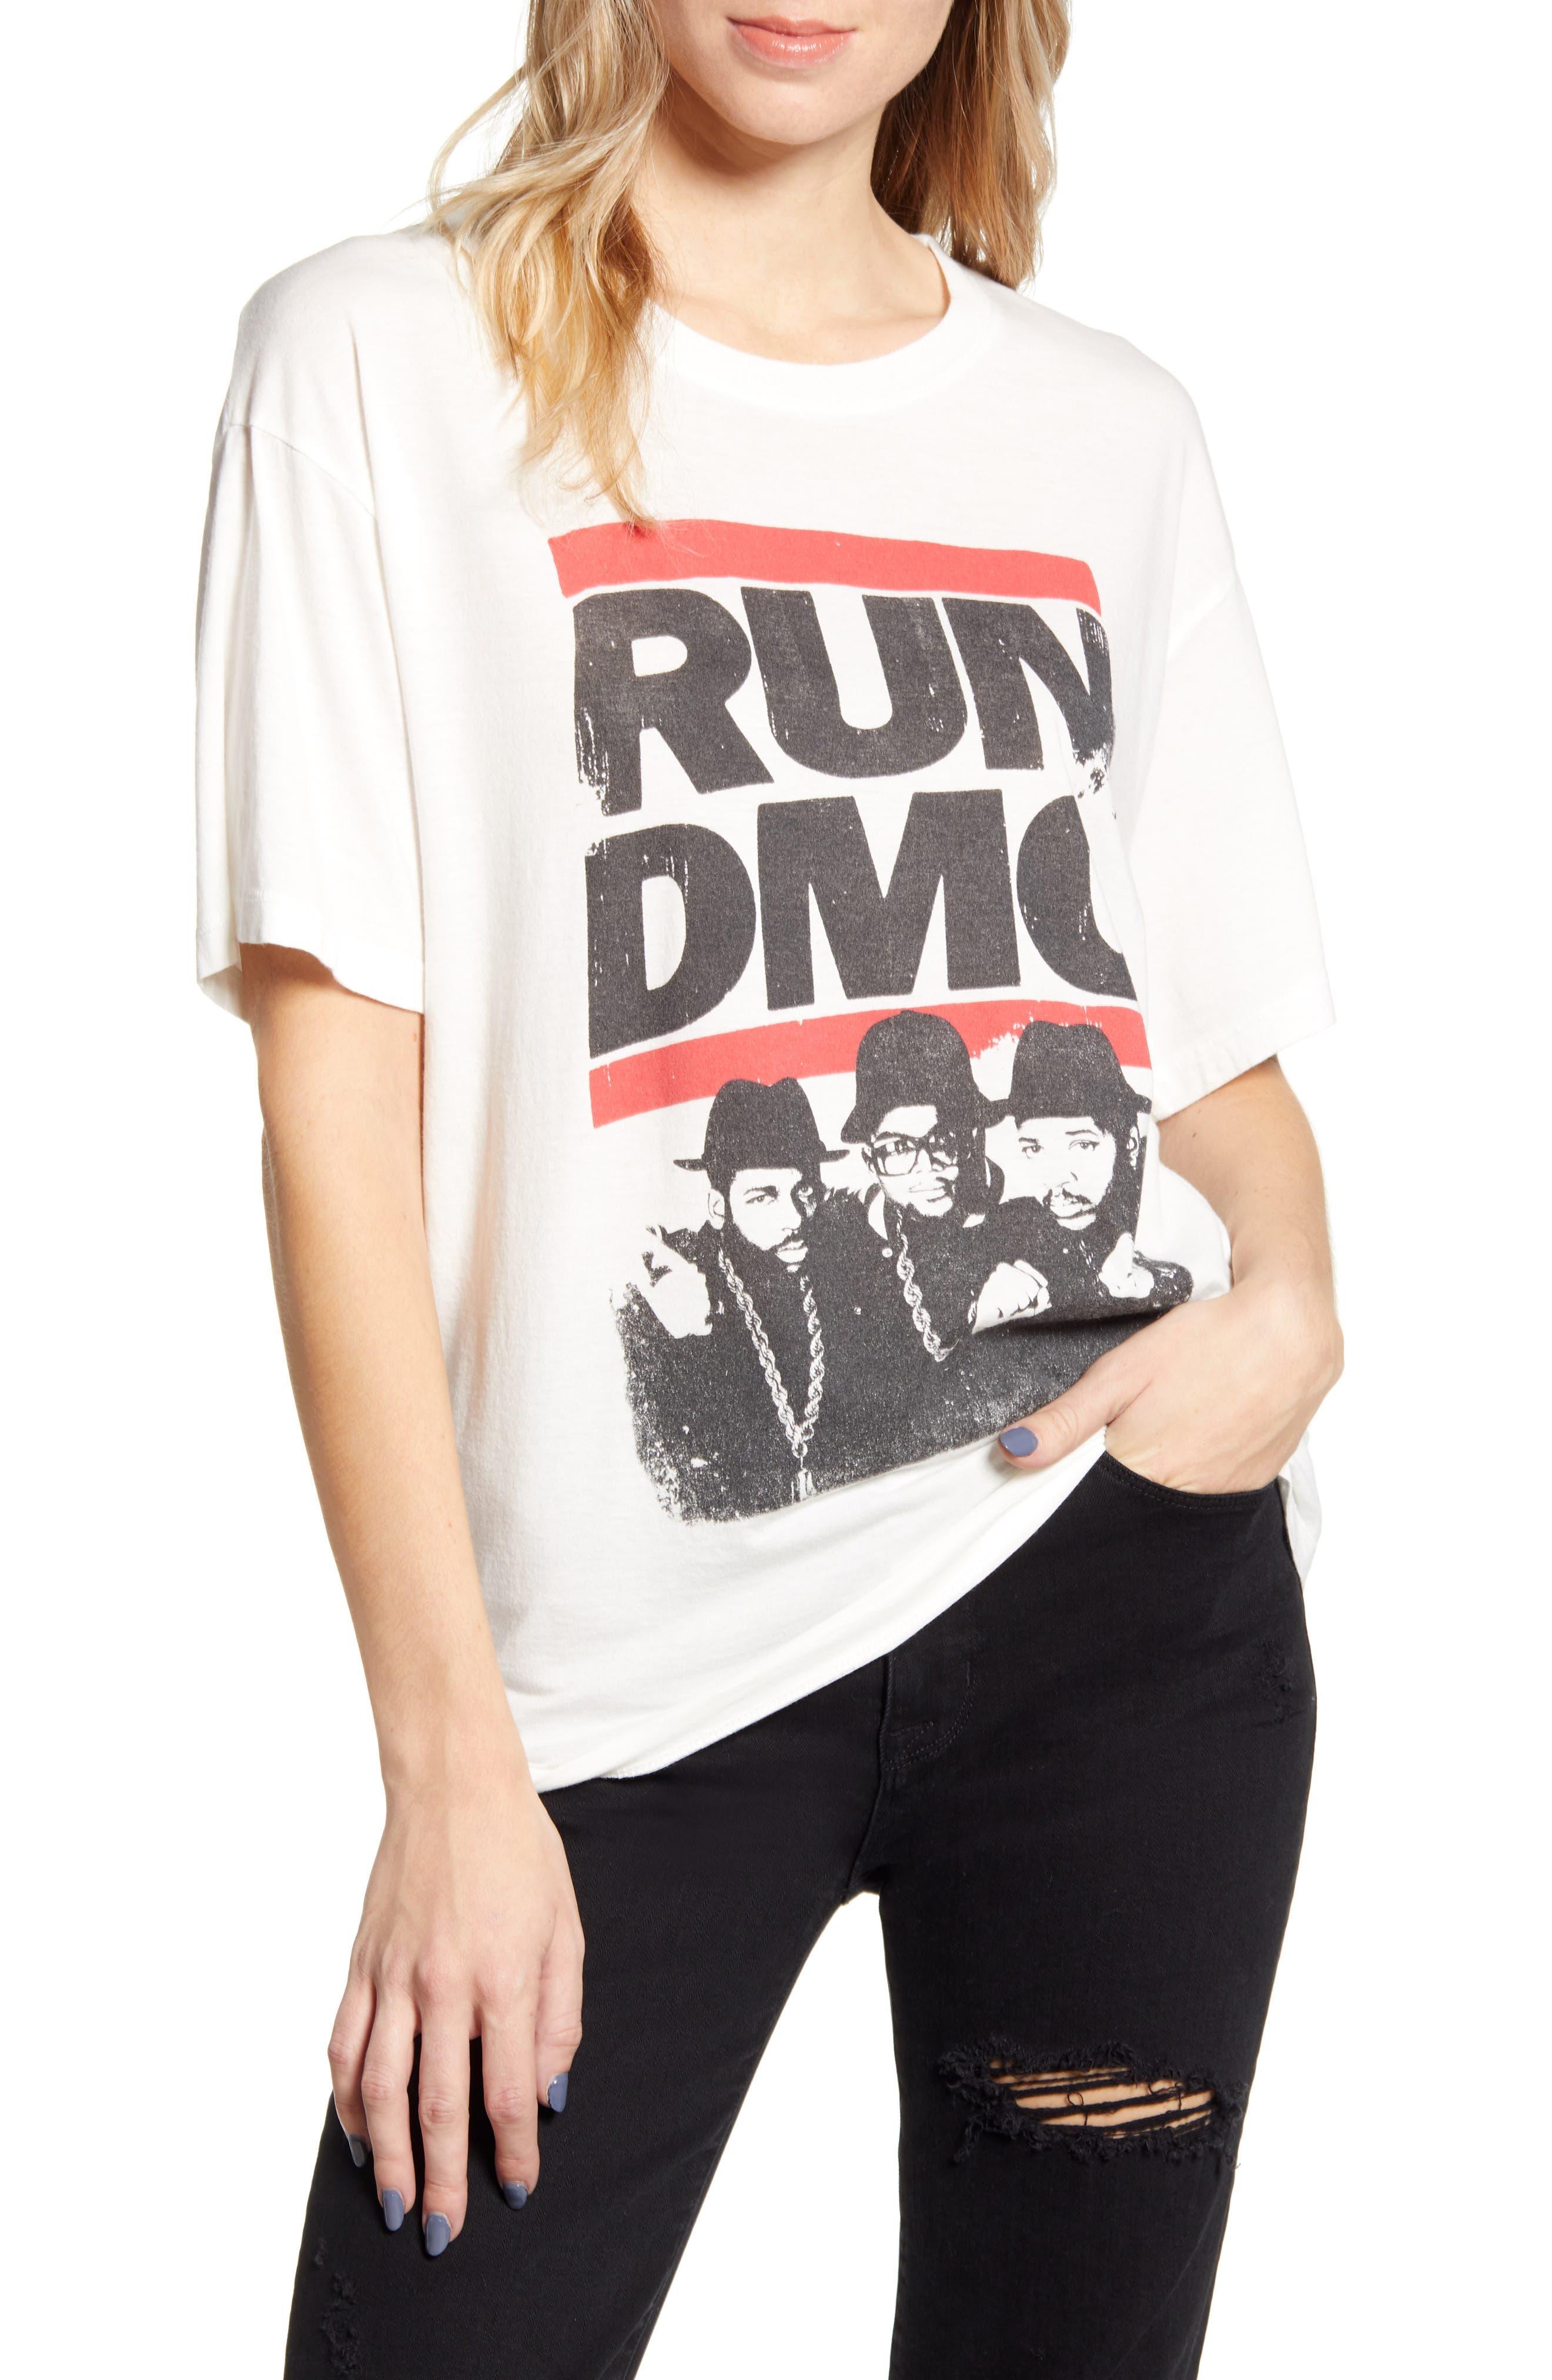 run dmc t shirt topshop